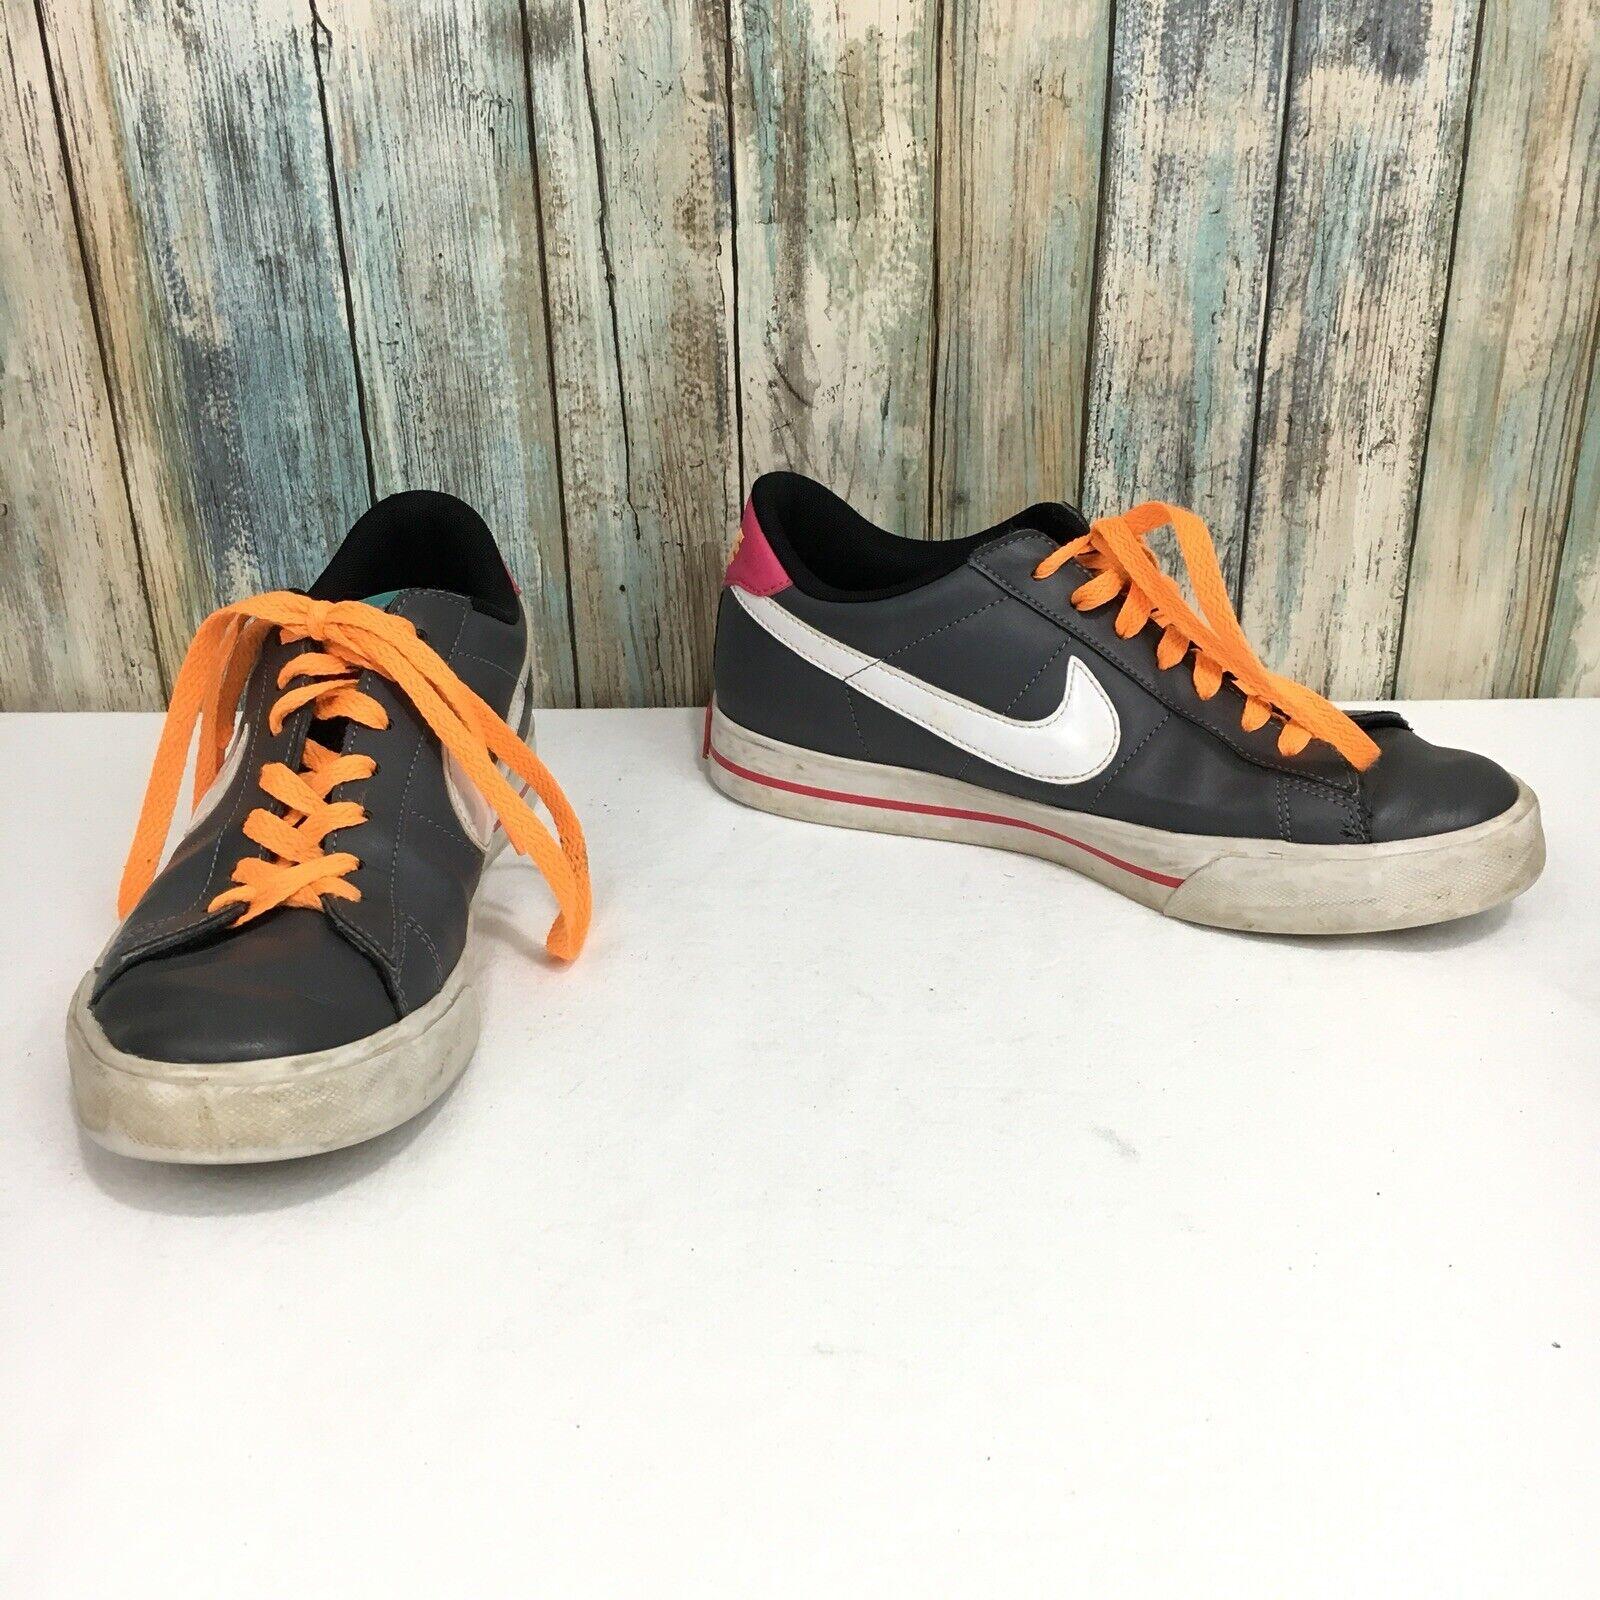 Nike rosa pelle arancione grigio donne 9 dolce basso sopra le scarpe le scarpe 354496   Qualità e quantità garantite    Uomo/Donna Scarpa